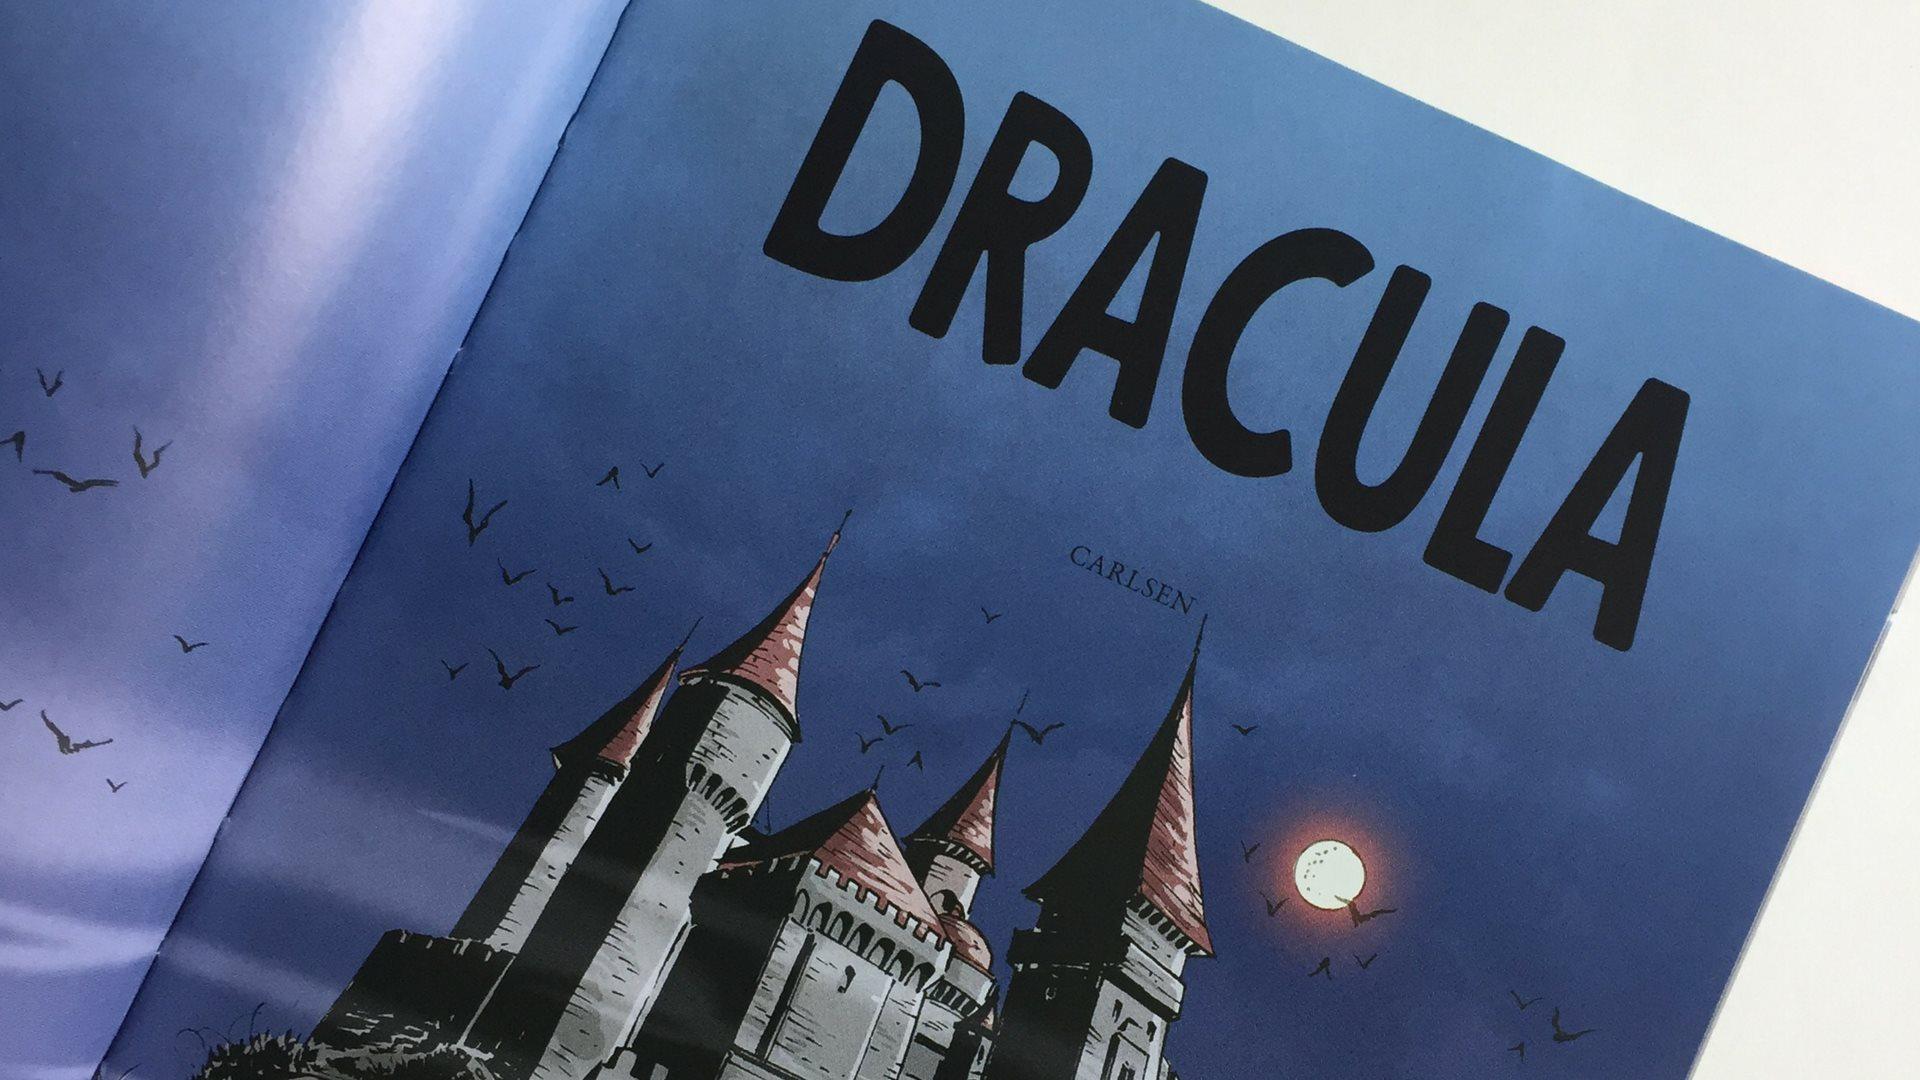 Carlsens tegnede klassikere, tegneserie, tegneserier, graphic novelle, dracula, robin hood, børnebøger